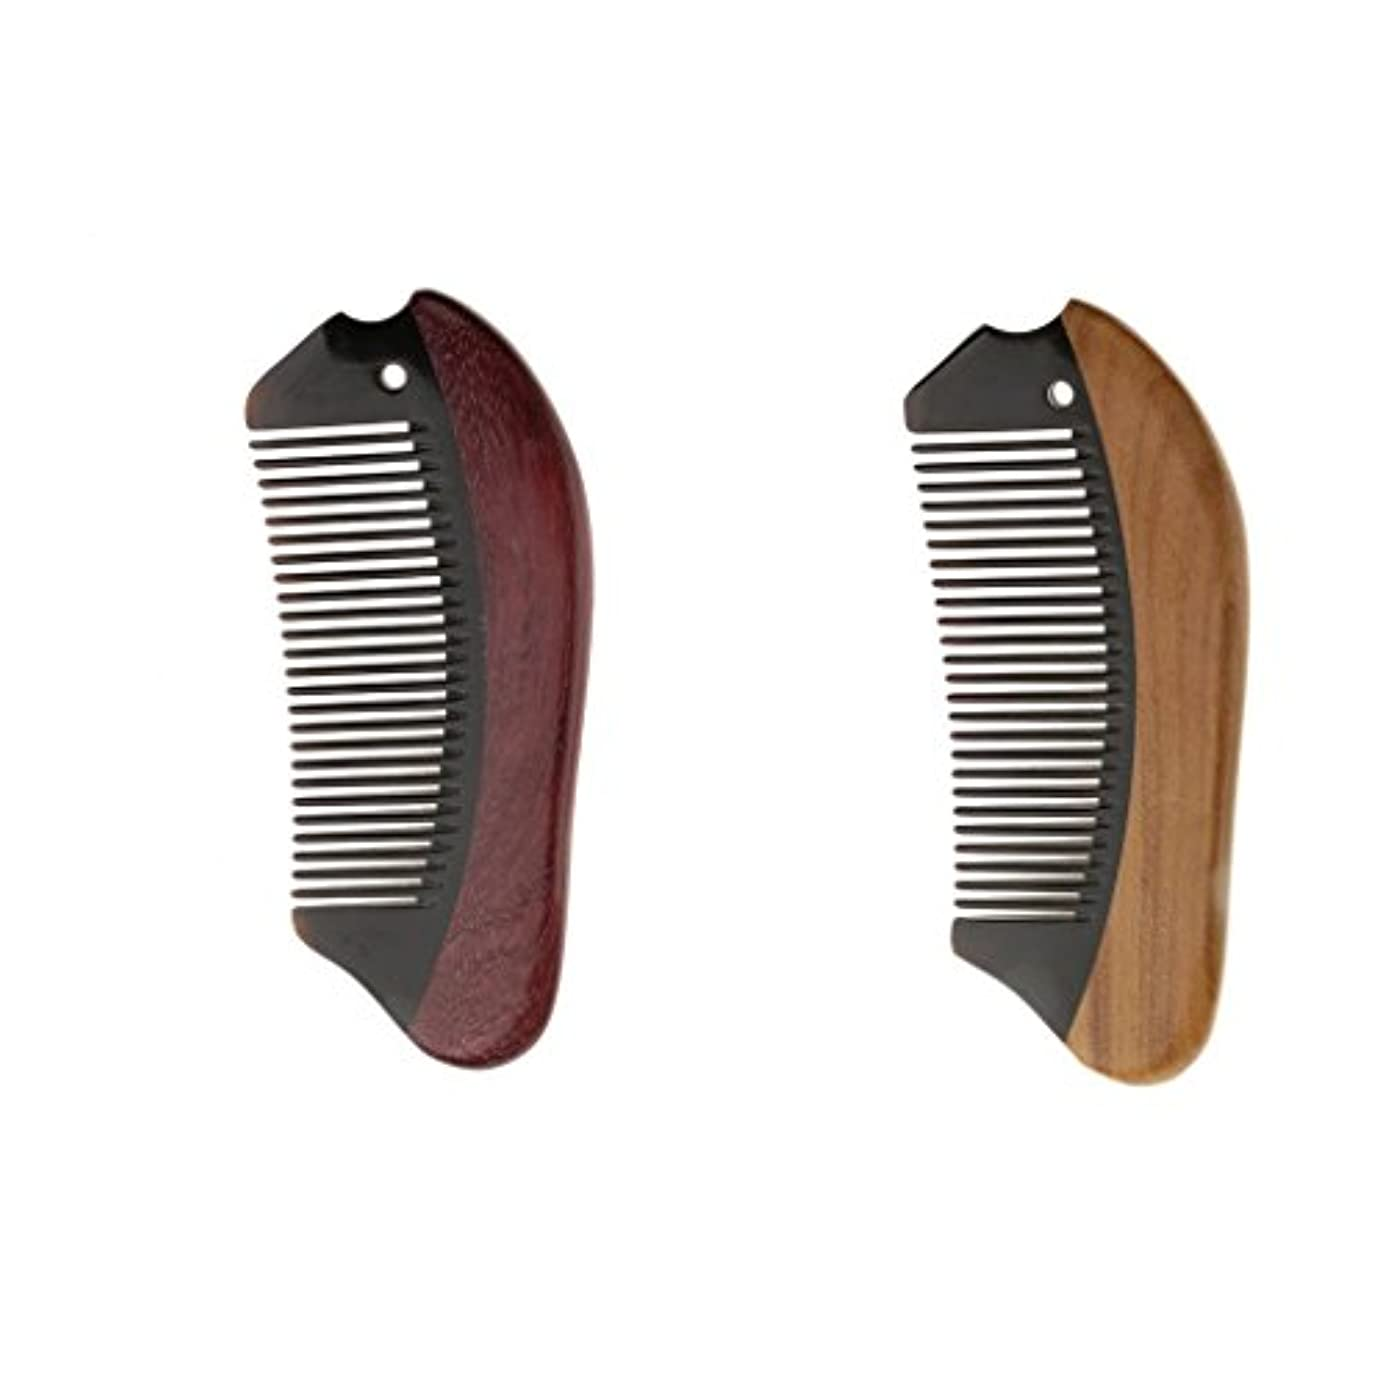 にぎやか枝受粉者2個 木製 櫛 コーム 静電気防止 マッサージ 高品質 プレゼント 滑らか 快適